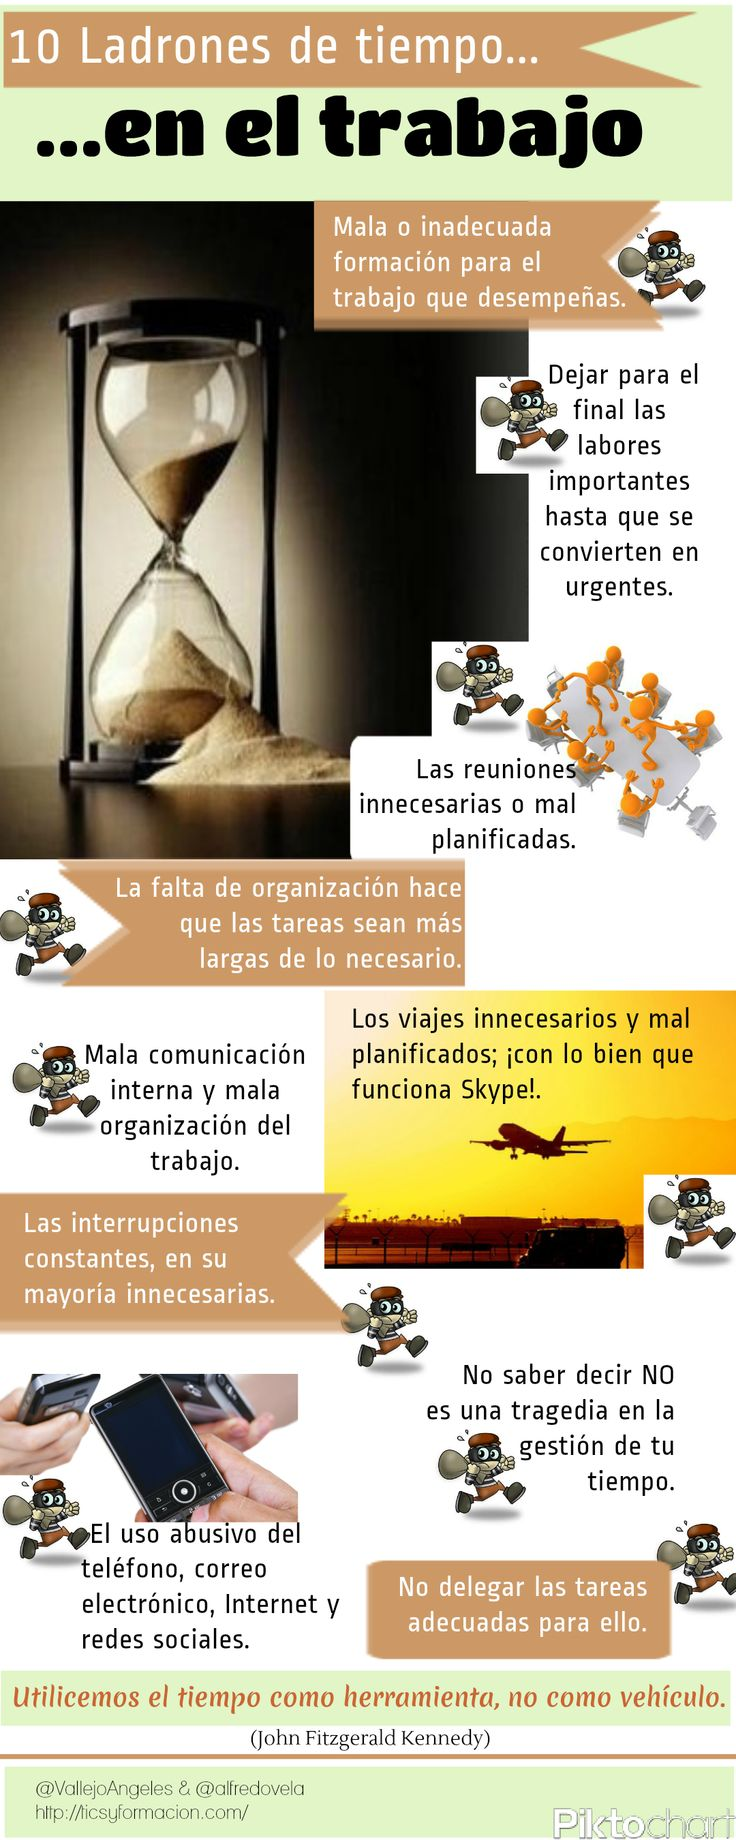 10 ladrones de tiempo en el trabajo #infografia